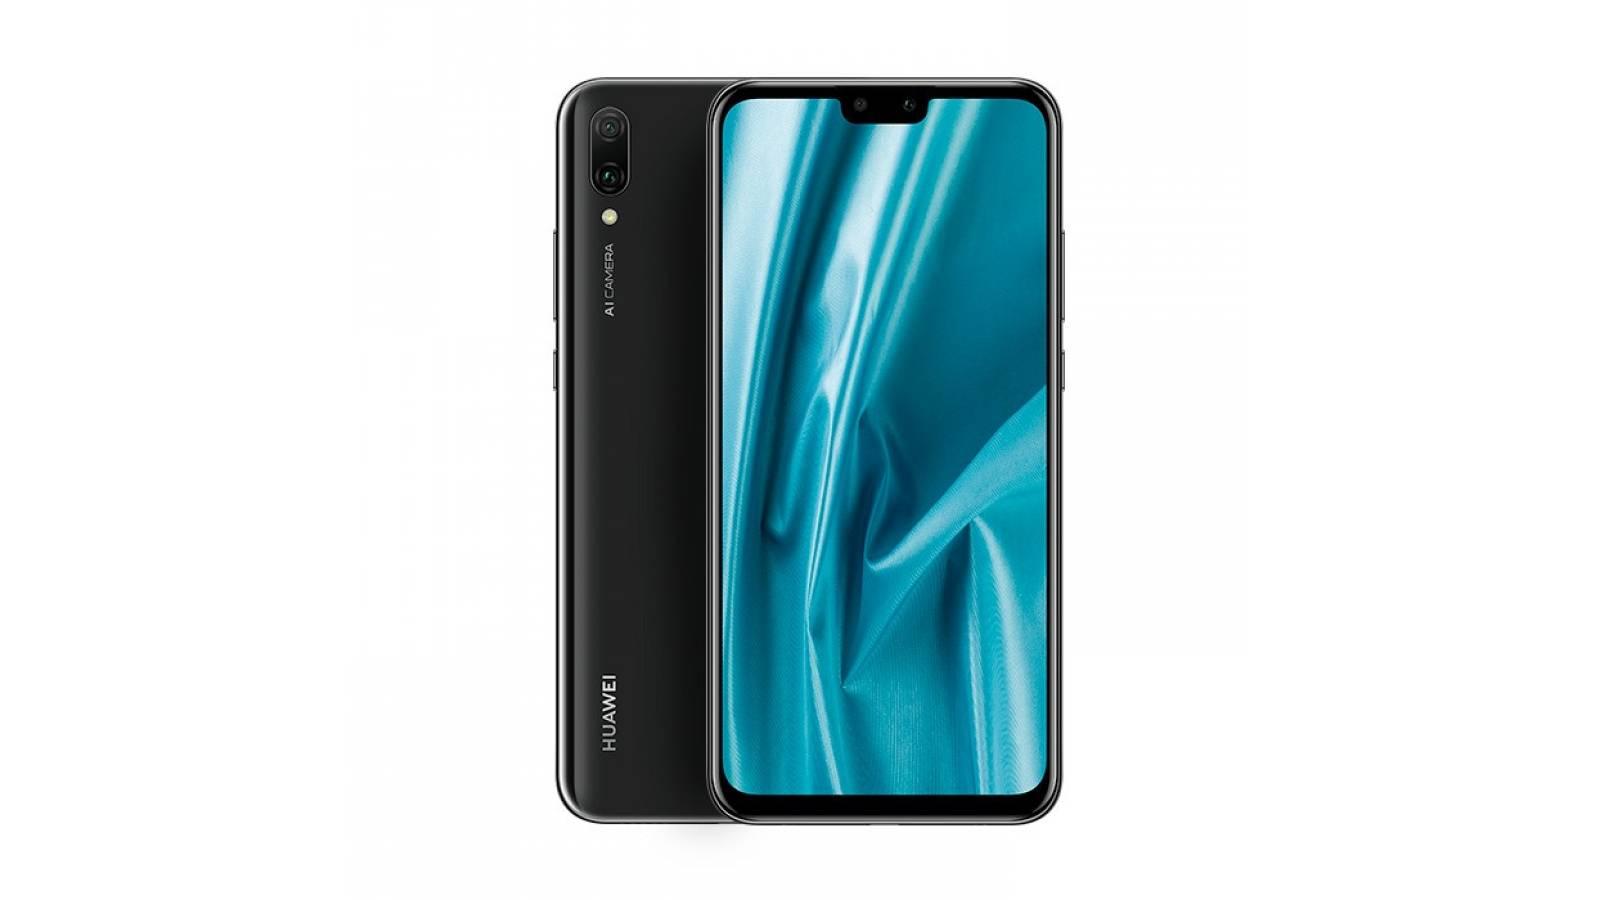 Celular Huawei Y9 2019 4g Lte 64Gb